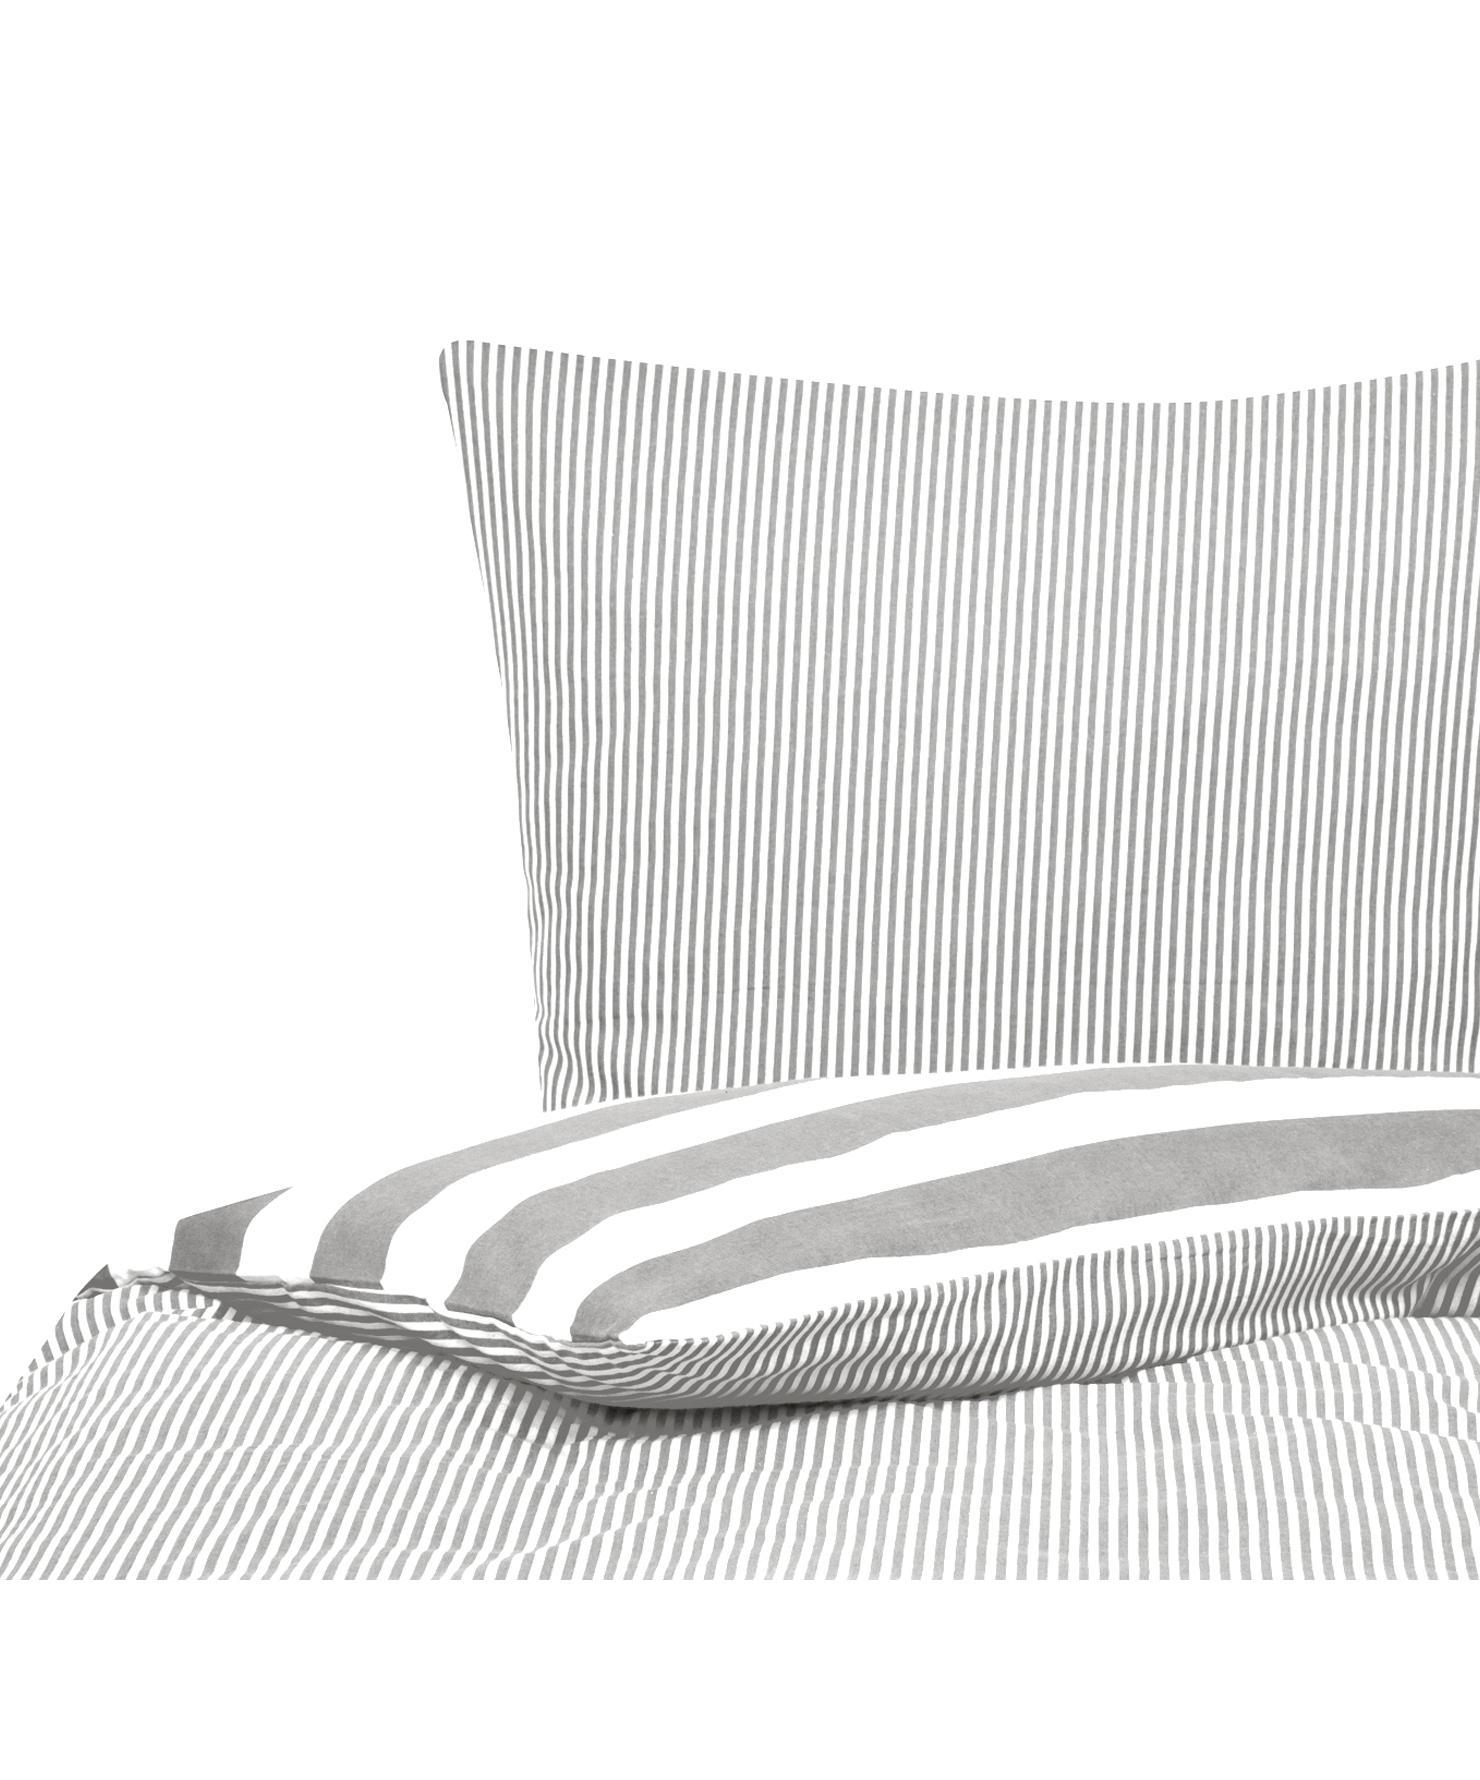 Flanell-Wendebettwäsche Dora, gestreift, Webart: Flanell Flanell ist ein s, Weiss, Grau, 135 x 200 cm + 1 Kissen 80 x 80 cm